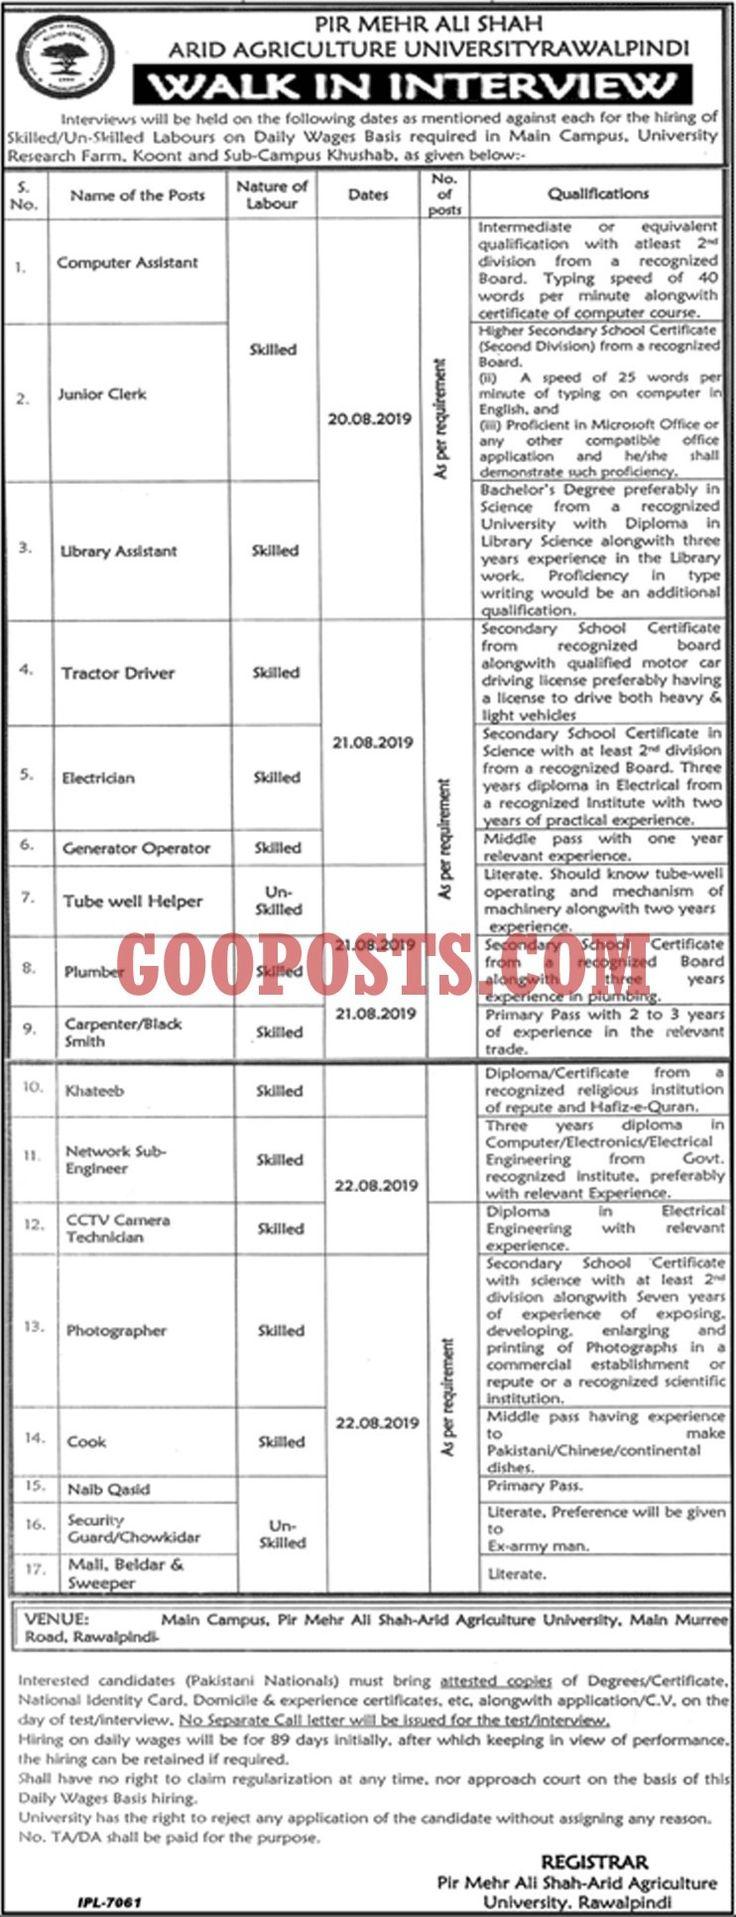 Pir Mehar Ali Shah Arid Agriculture University Jobs For